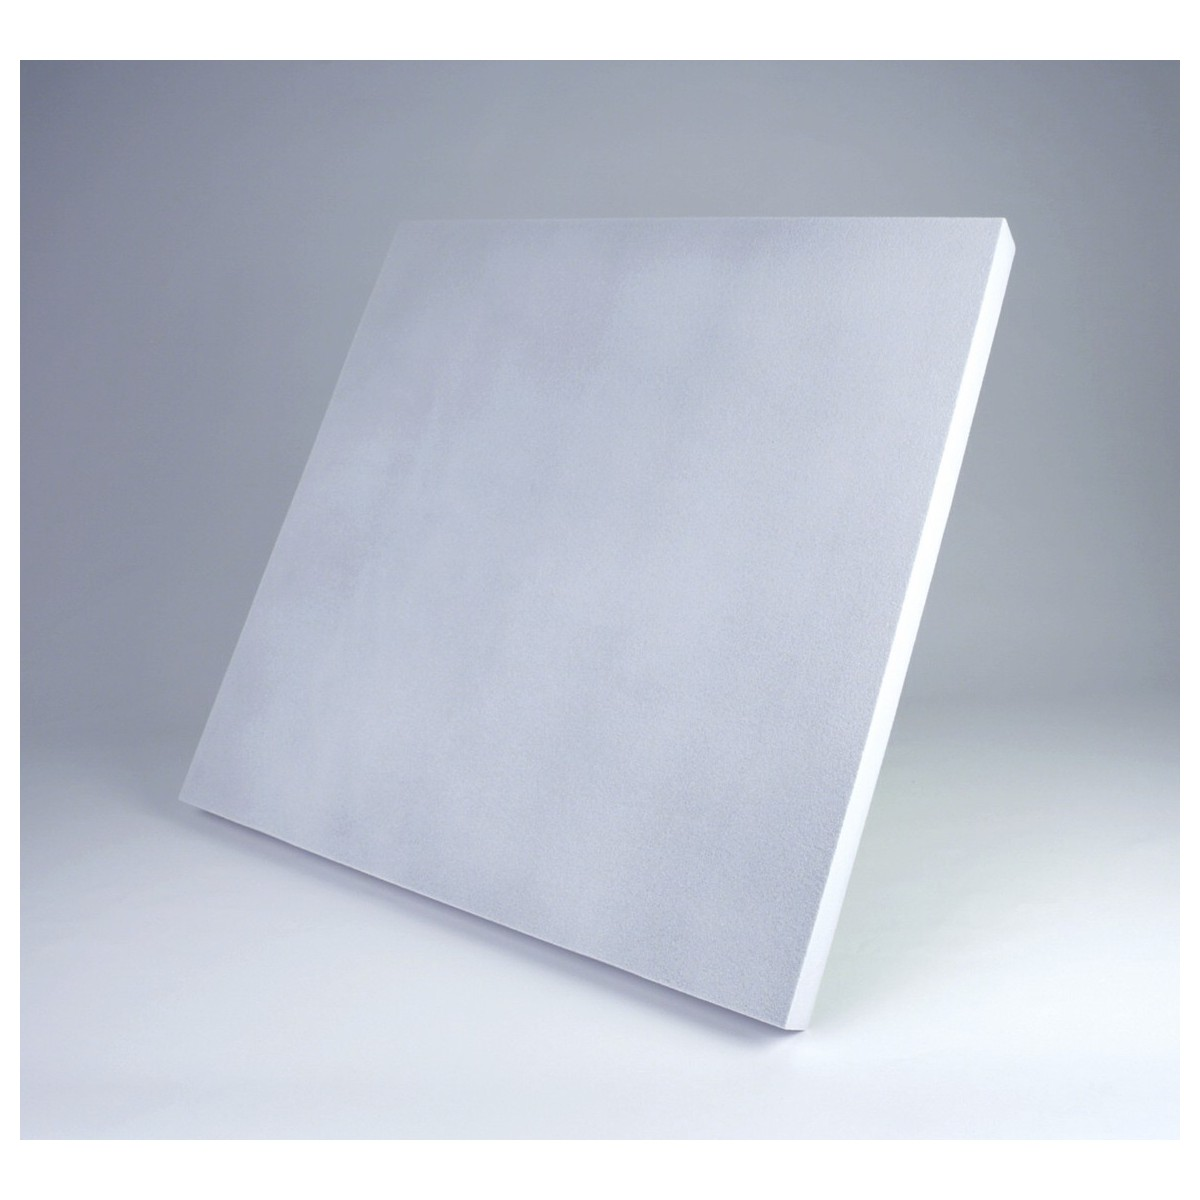 EliAcoustic Regular Panel 60.4 Panel . Panel Acustico 4 cm acabado textil decortivo para reducir eco, ruido y reverberación